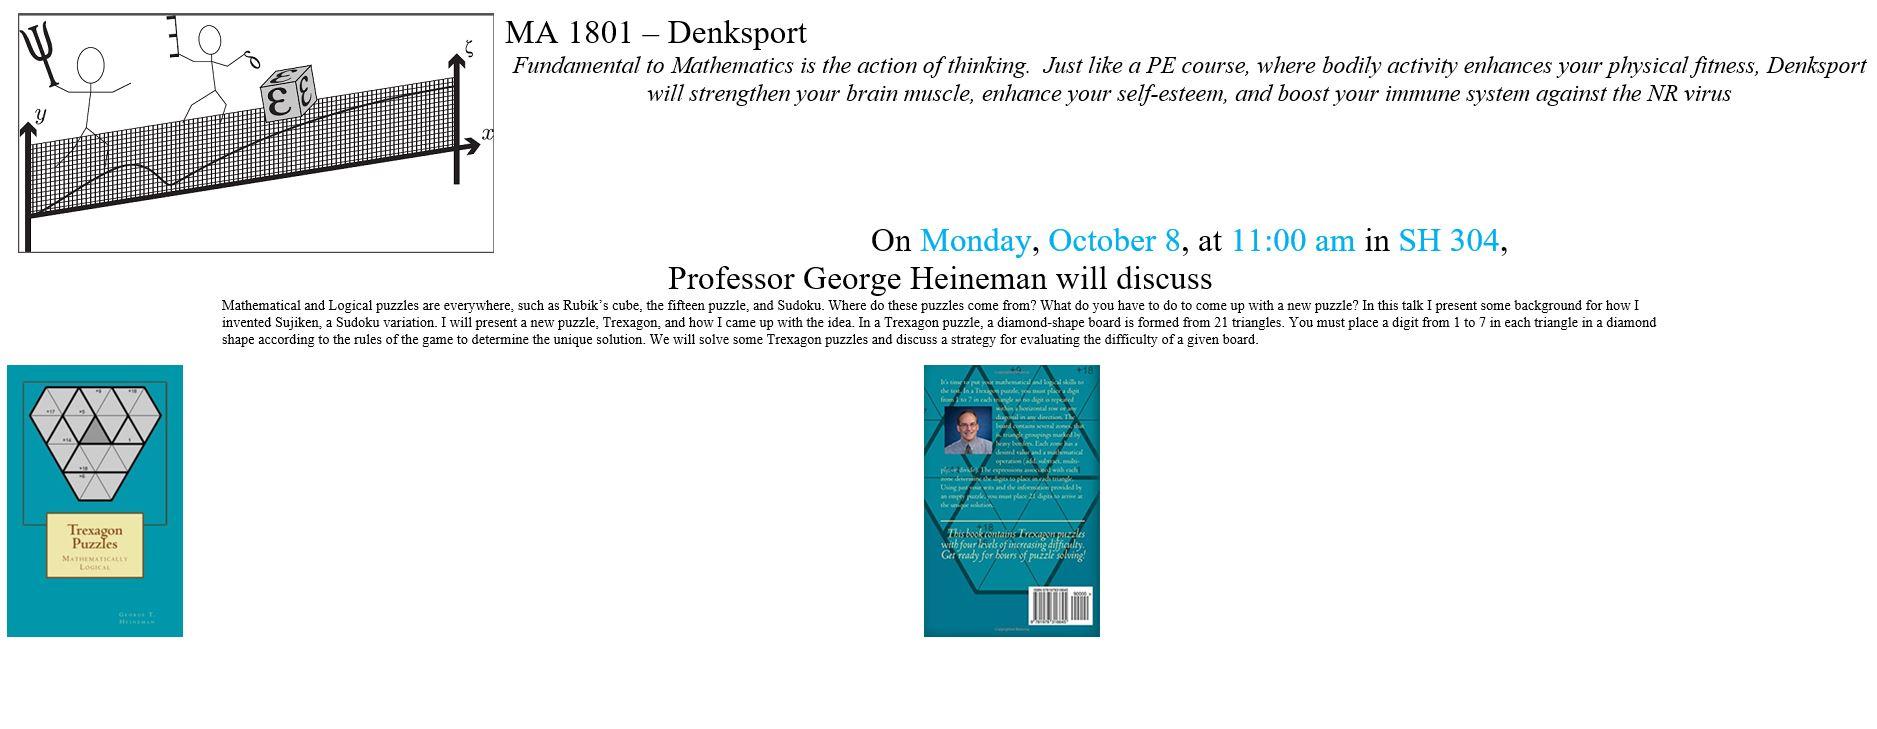 Denksport October 8